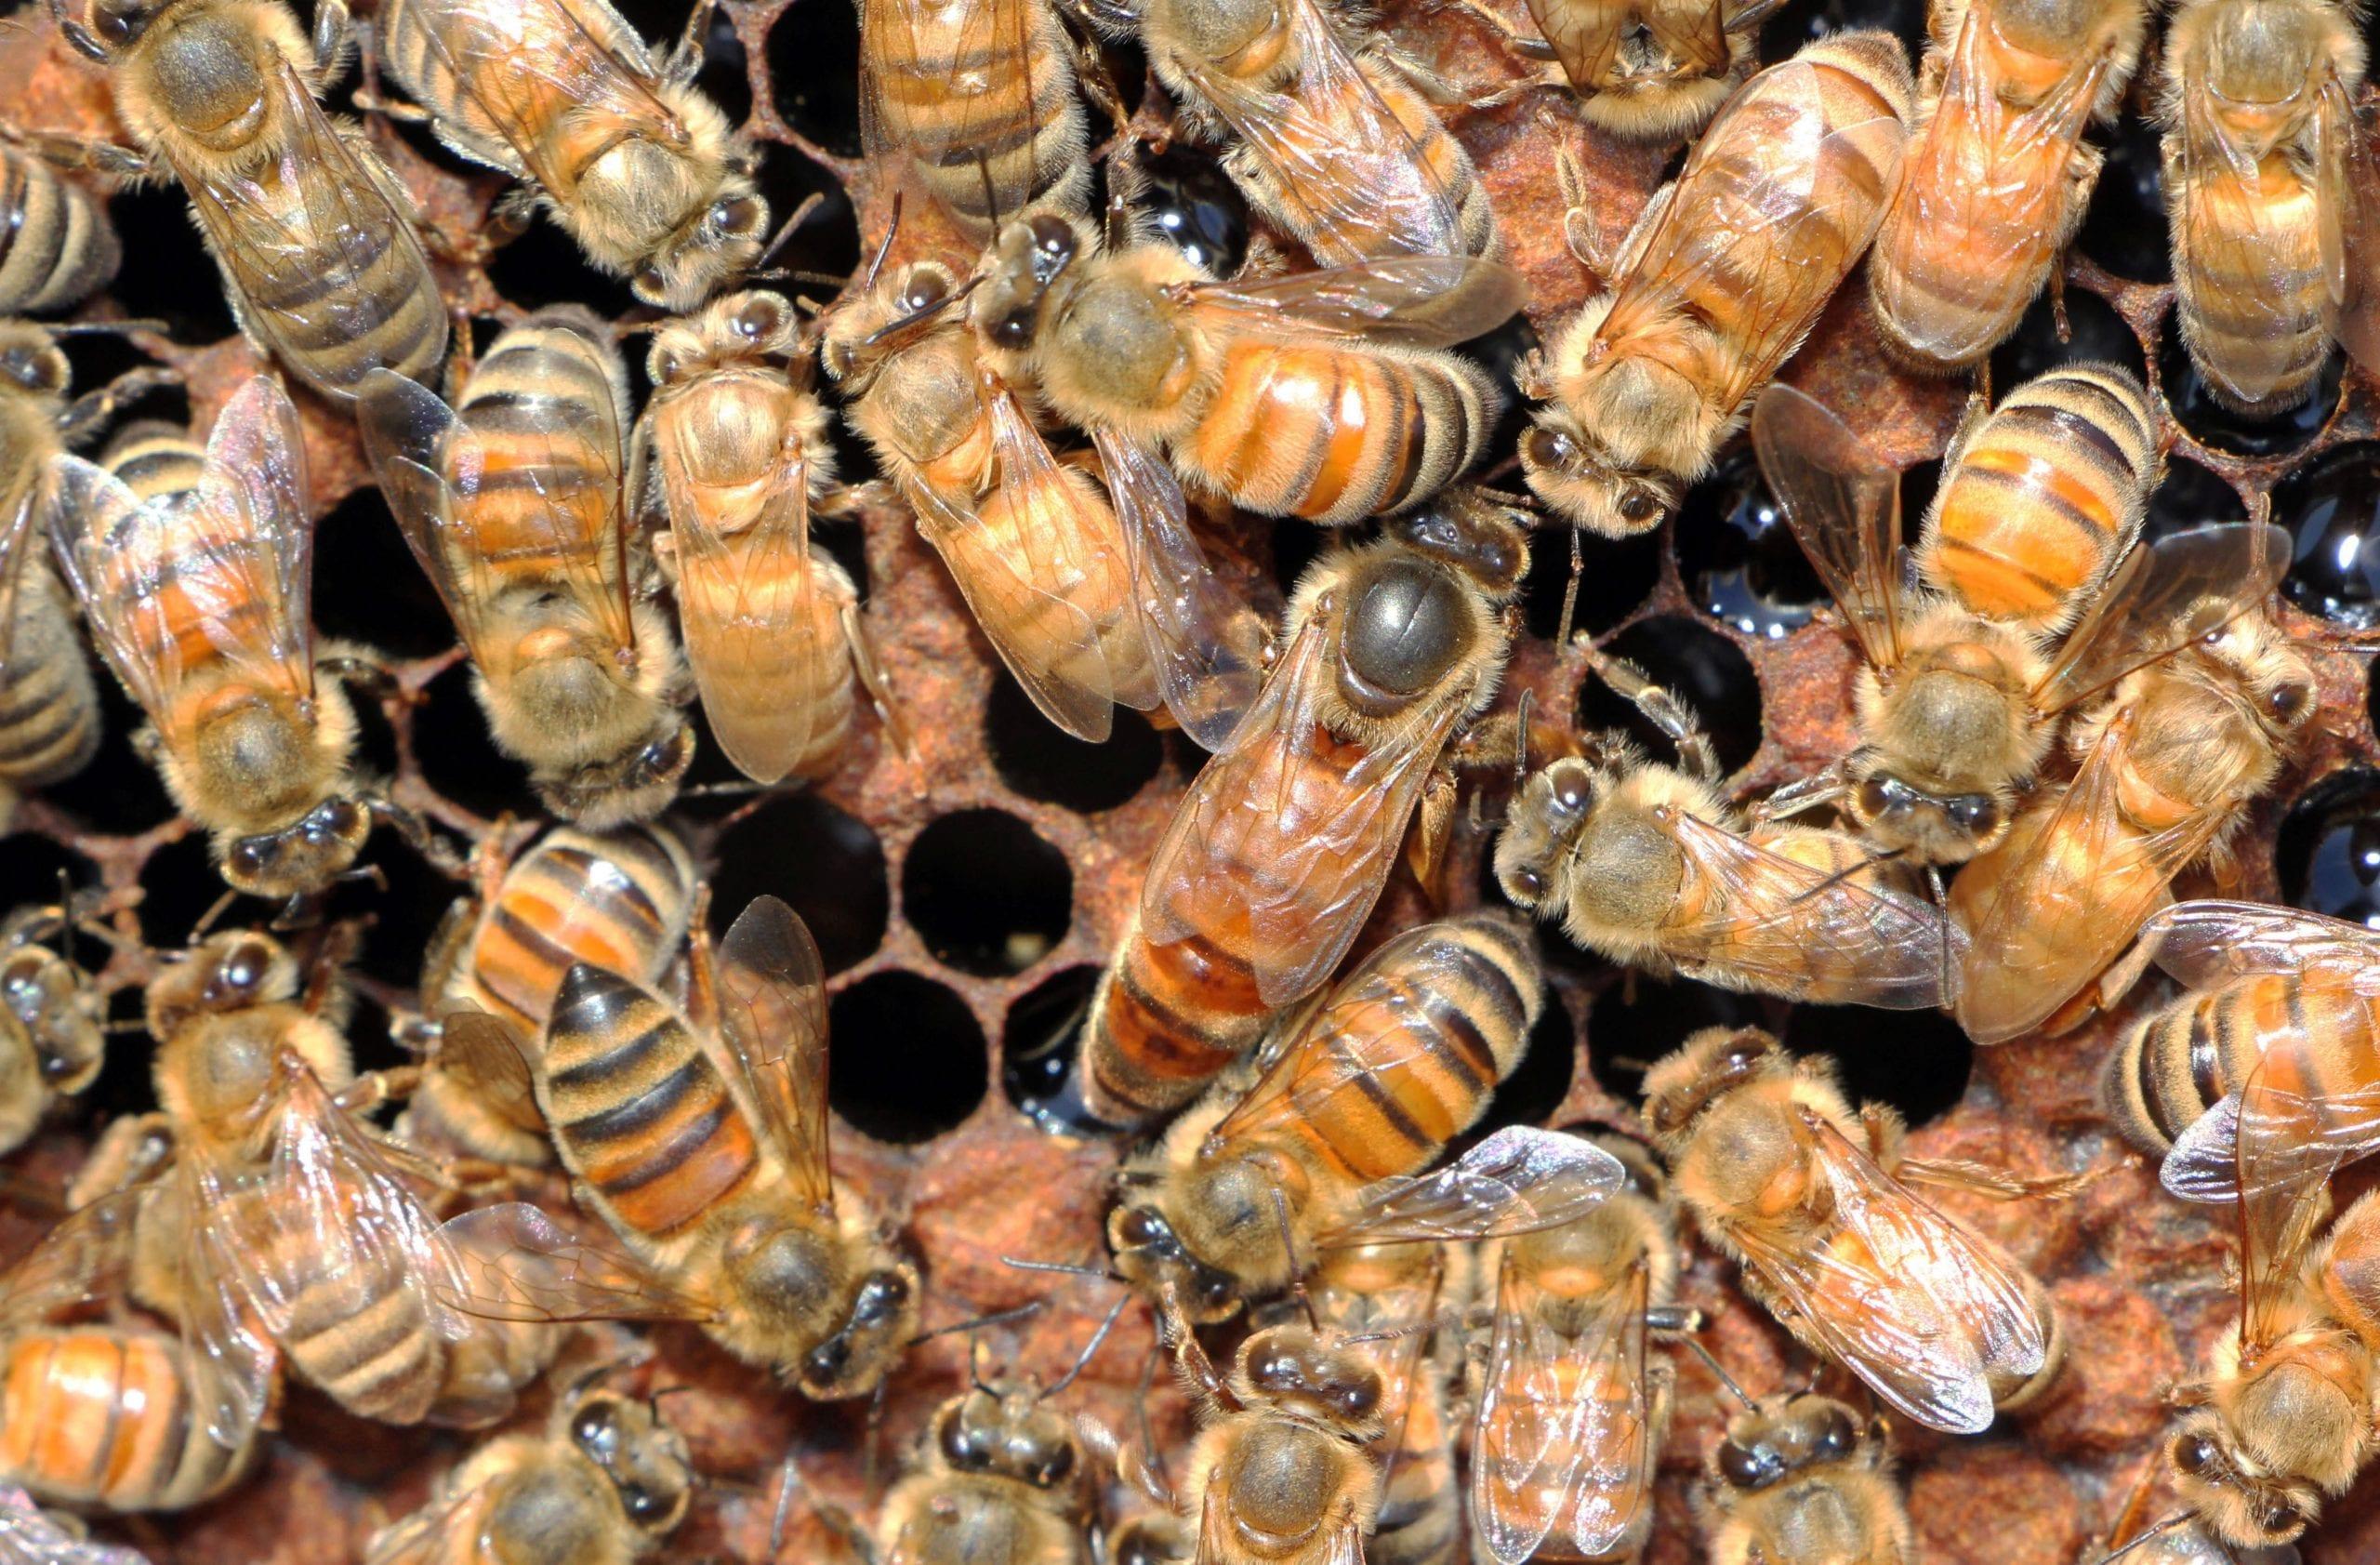 Направата на пчелни майки е важно мероприятие, което всеки пчелар трябва да умее да прави. Как да се грижим за пчелите през август